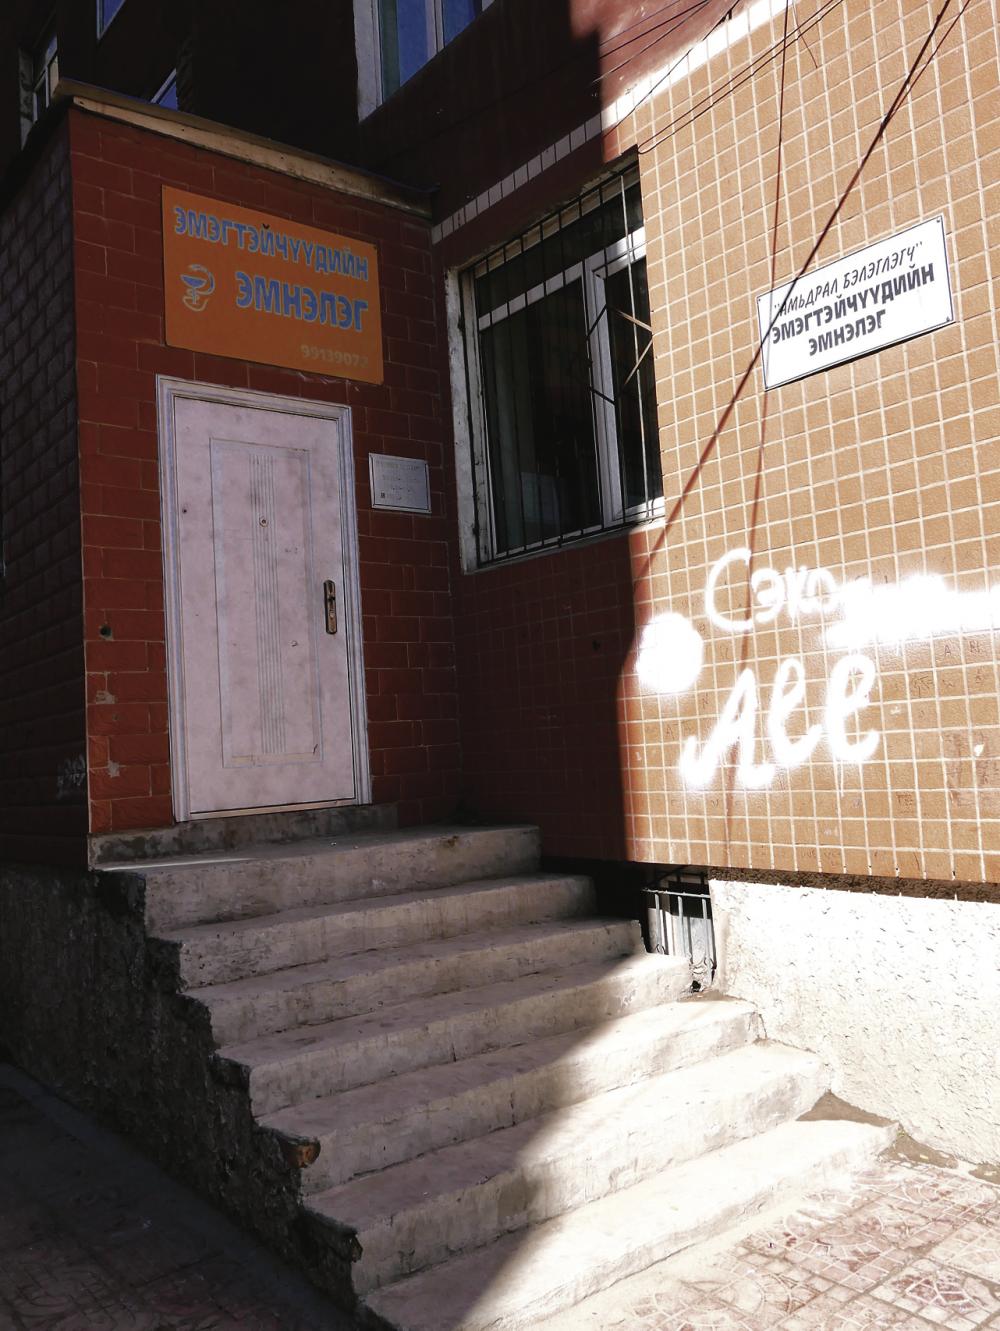 Naisten klinikka sijaitsee asuntokorttelin yhteydessä koulun ja kaupungin terveysaseman vieressä. Yksityiset klinikat sijaitsevat usein julkisen terveydenhuollon toimipisteiden lähettyvillä.